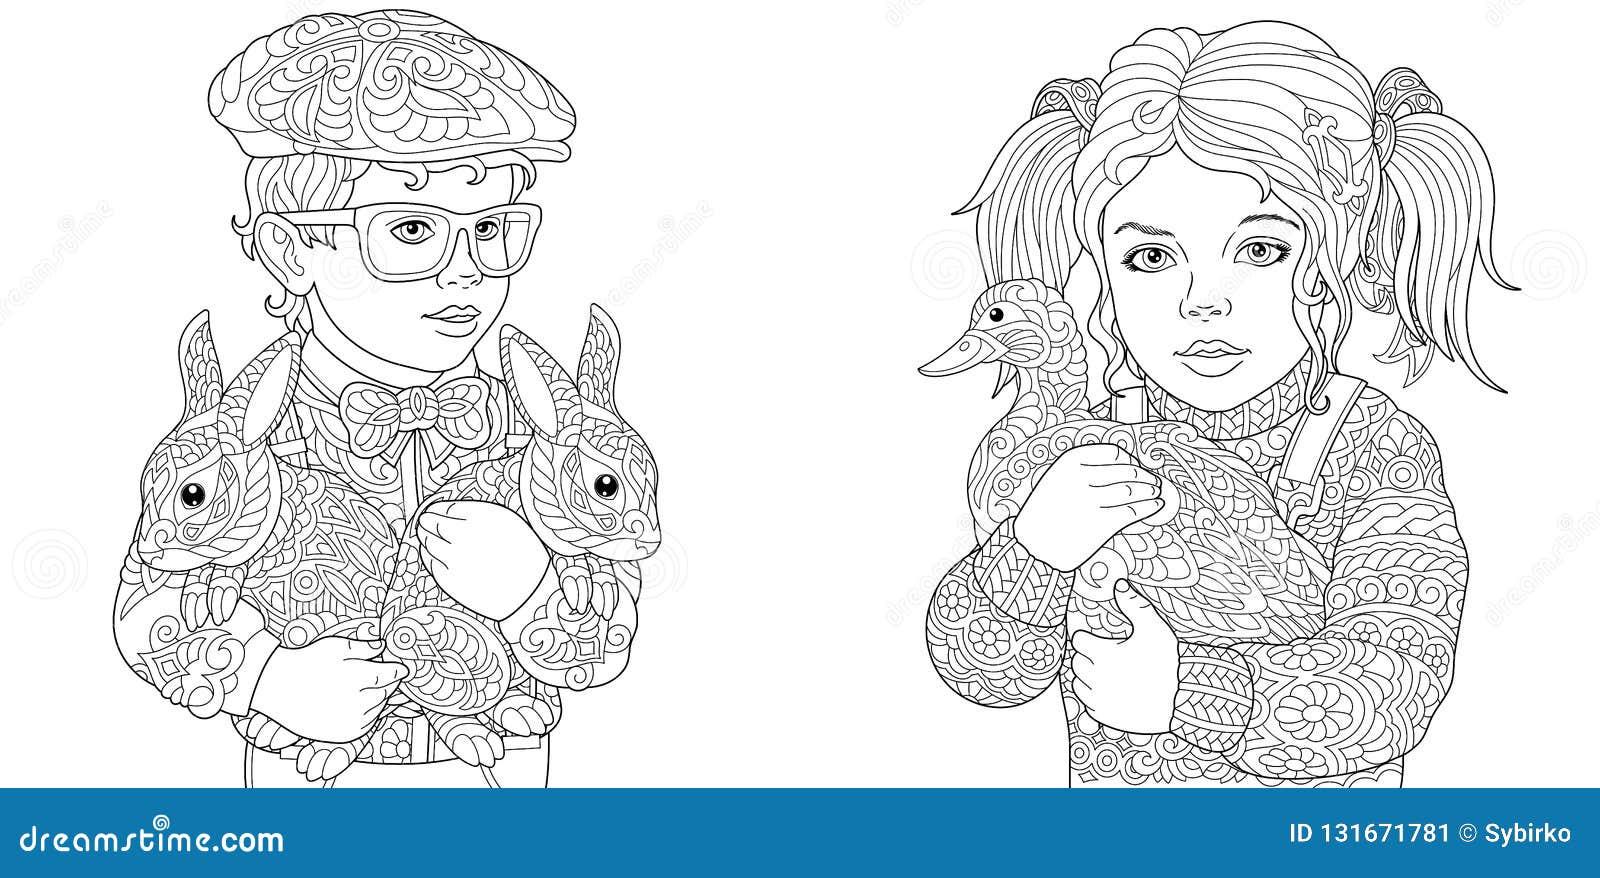 Garcon Et Fille Pages De Coloration Livre De Coloriage Pour Des Adultes Images De Coloration Avec Des Enfants Et Des Animaux De F Illustration De Vecteur Illustration Du Coloration Enfants 131671781